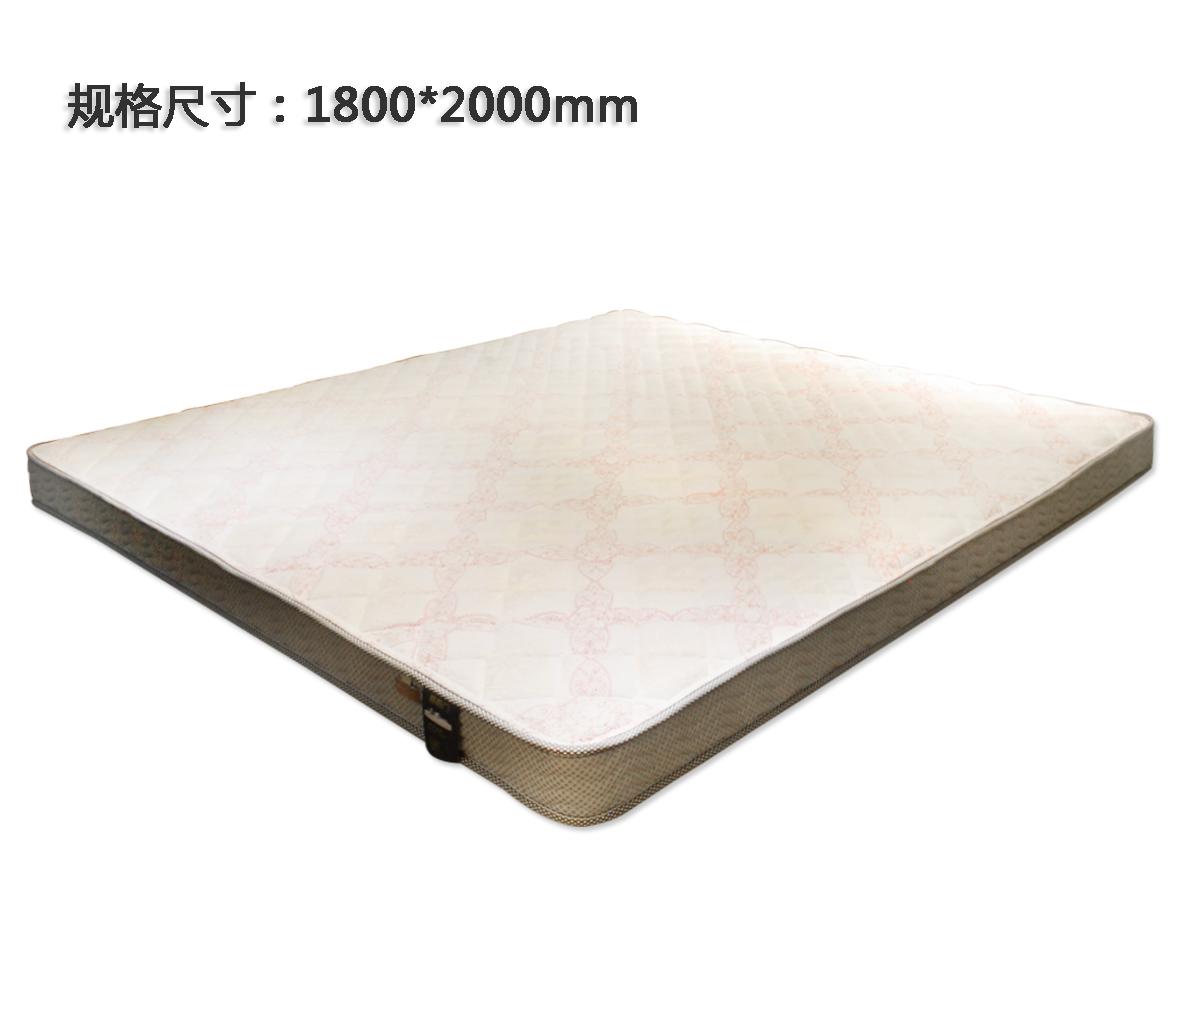 喜临门 乐眠5114型号 1800*2000mm 弹簧床垫 乳胶舒适层